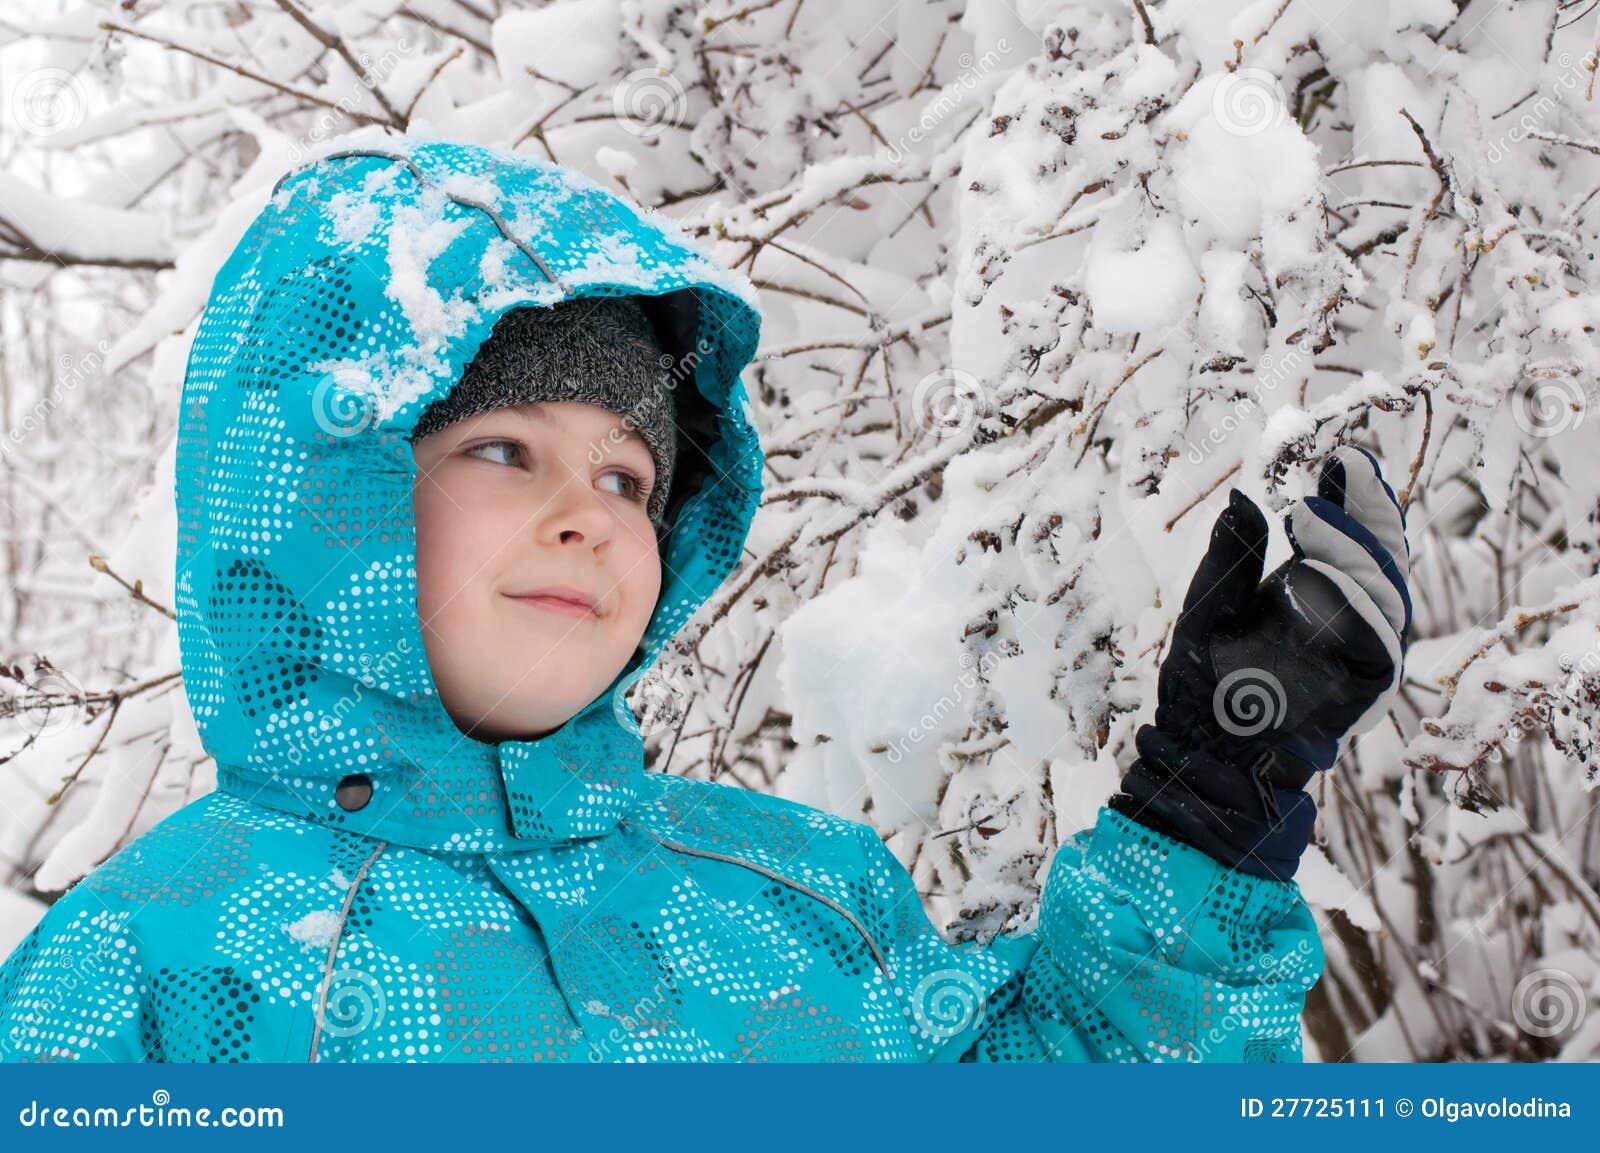 Junge in einem schneebedeckten Wald